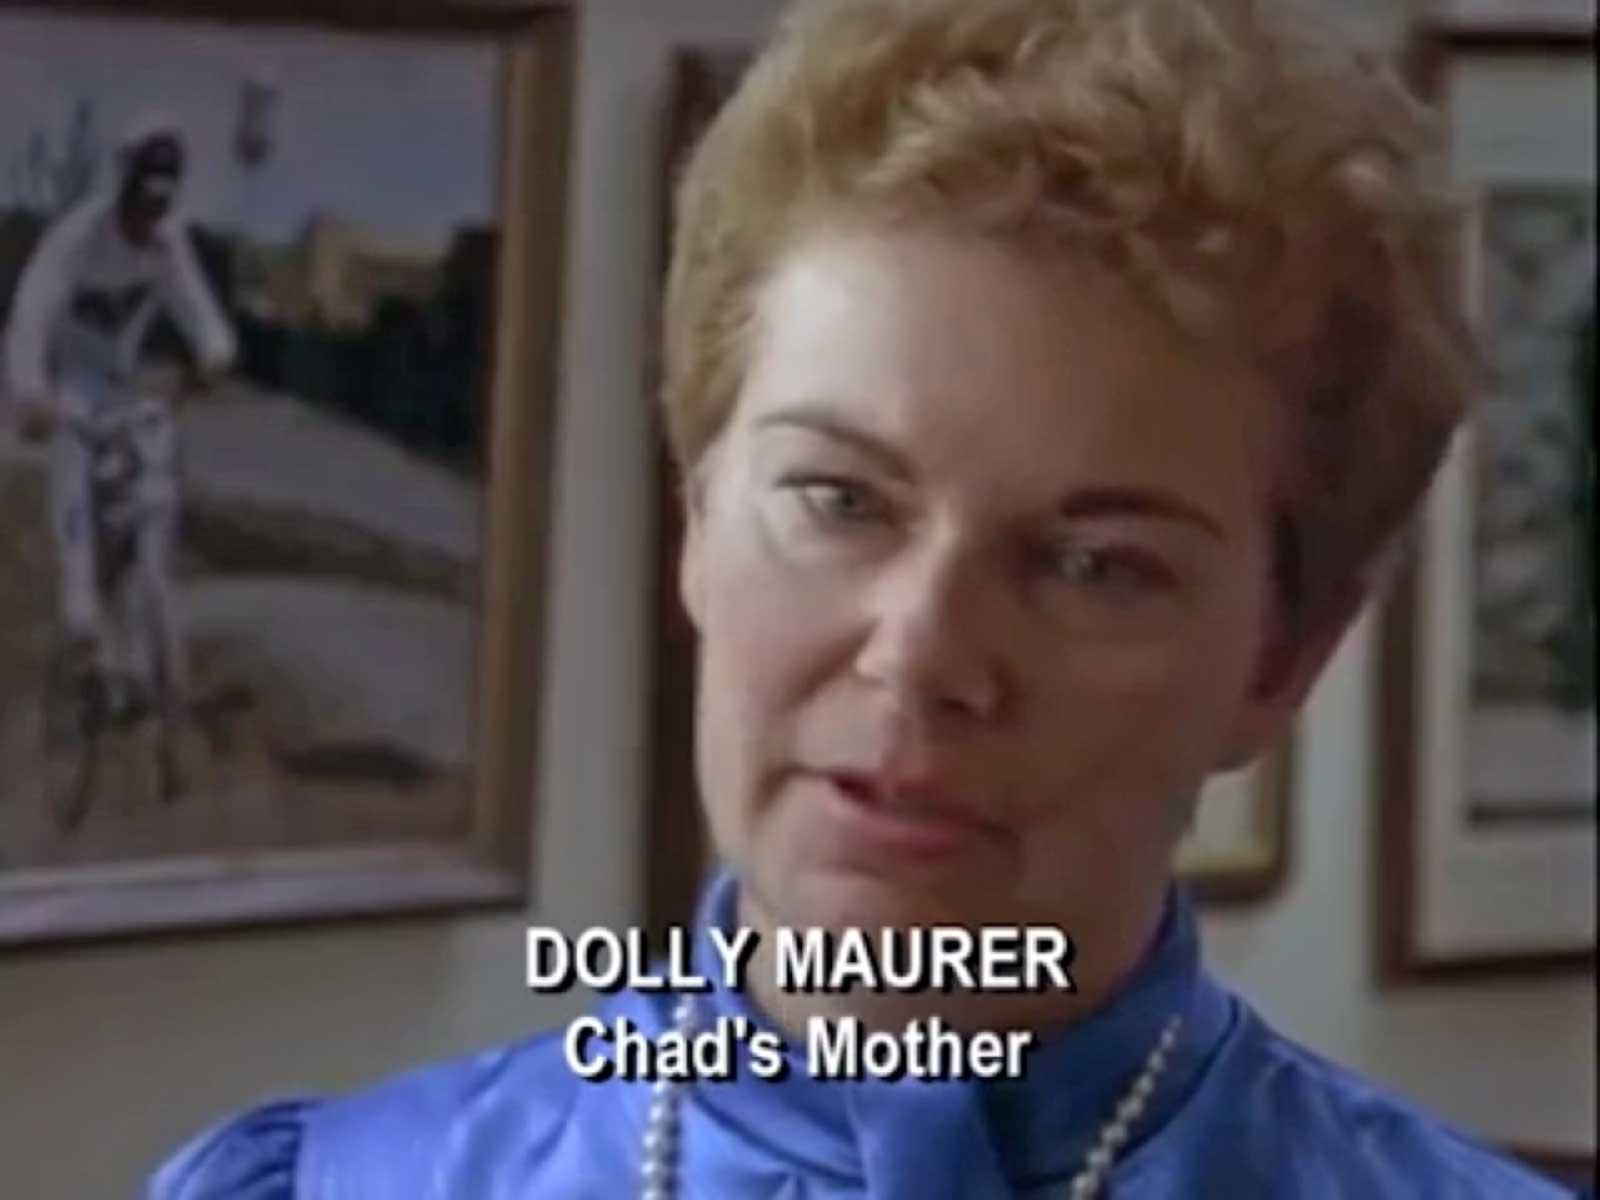 Dolly Maurer